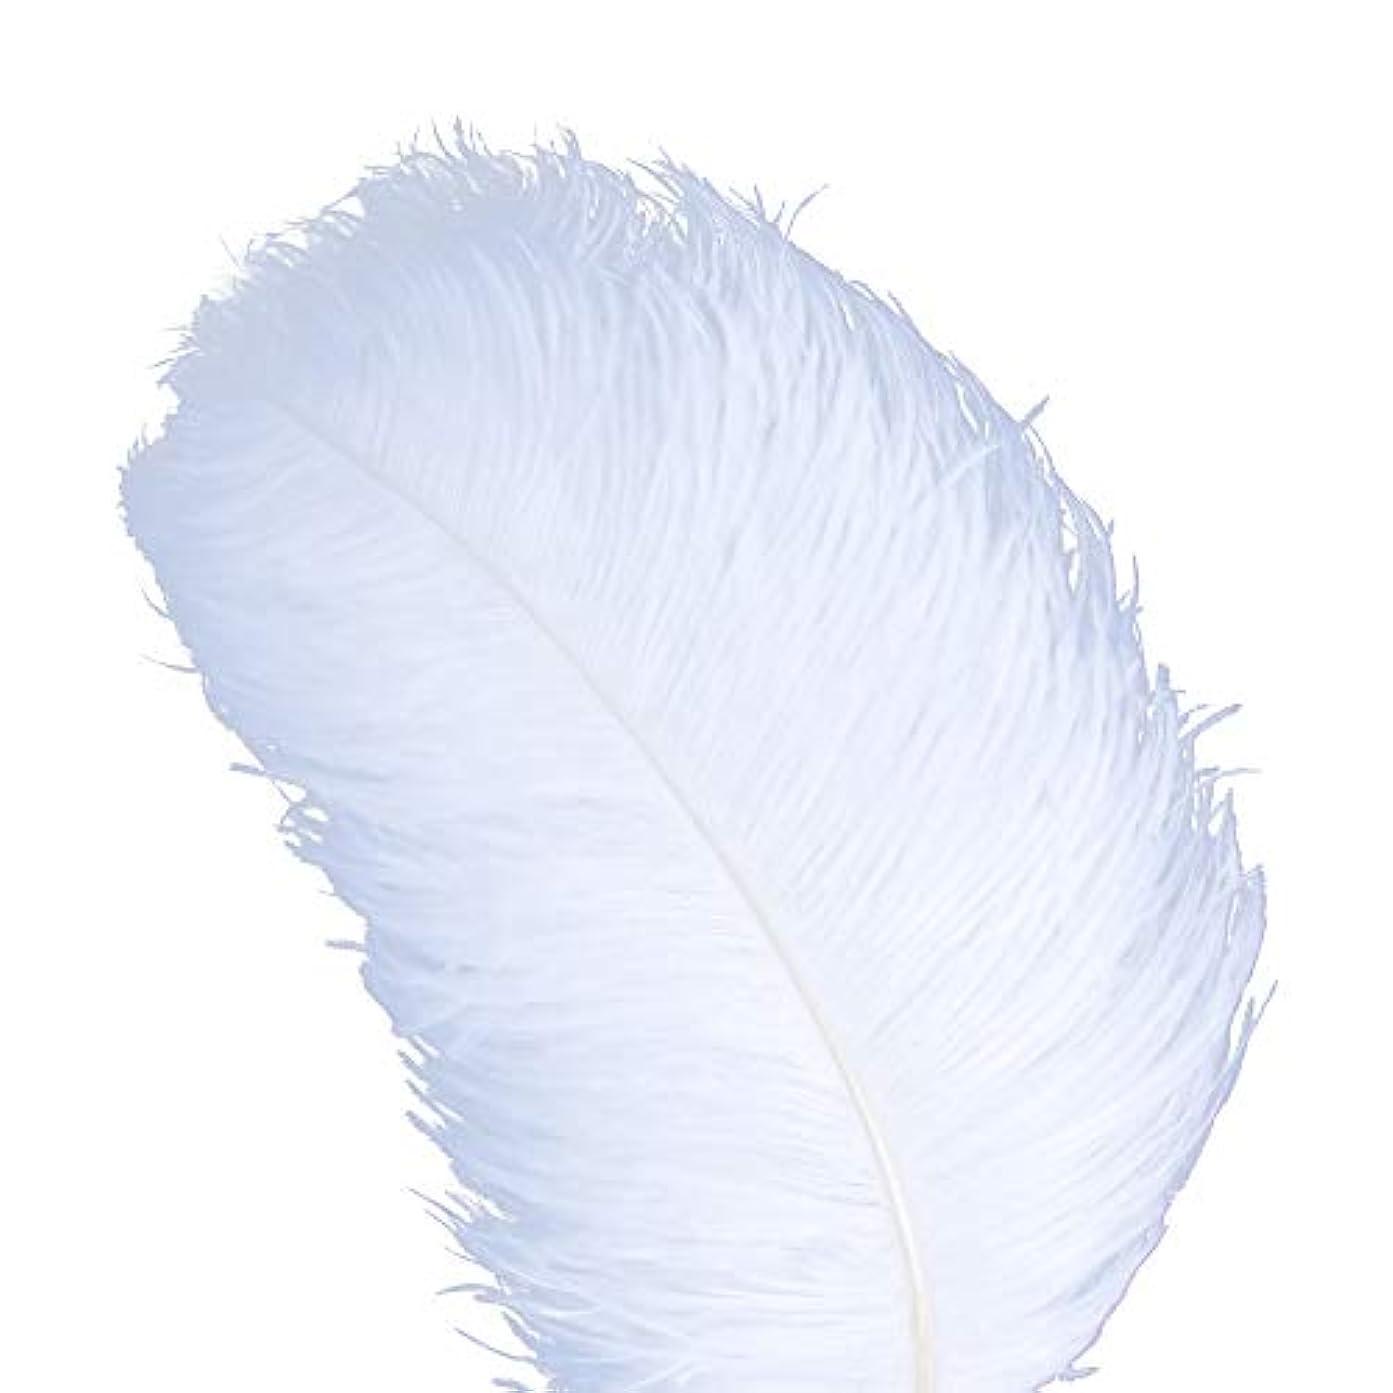 舞い上がる哲学もろいAWAYTR 天然 18-20 インチ (45-50cm) オーストリッチ 羽 プラム 結婚式 センターピース ホームデコレーション 50pcs ホワイト 743070207763